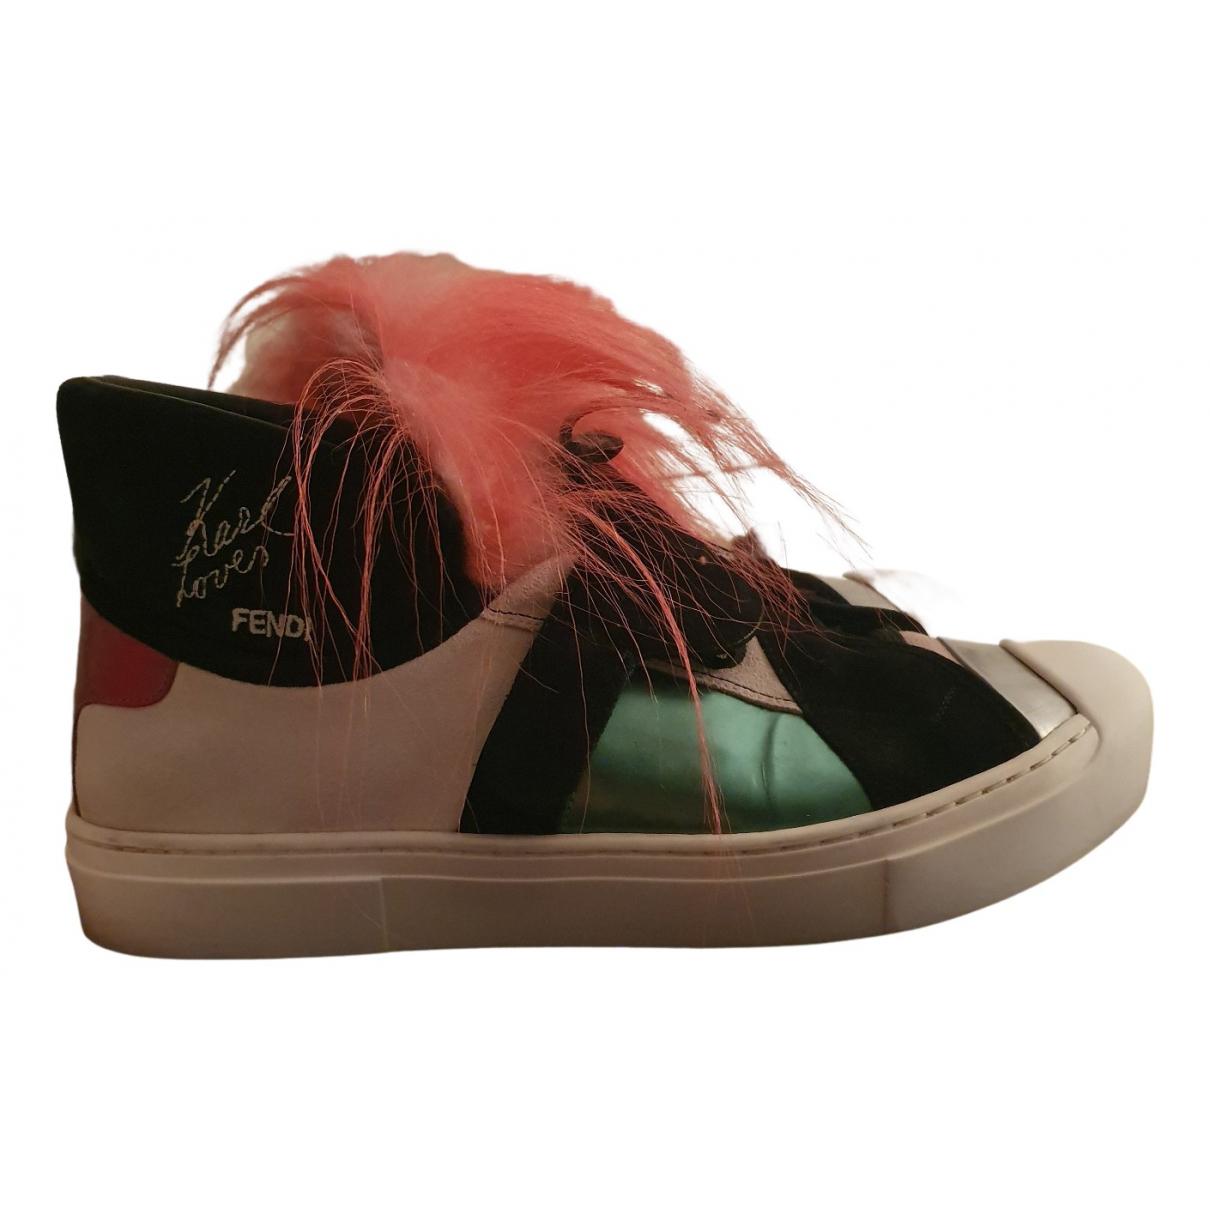 Fendi \N Sneakers in  Bunt Leder